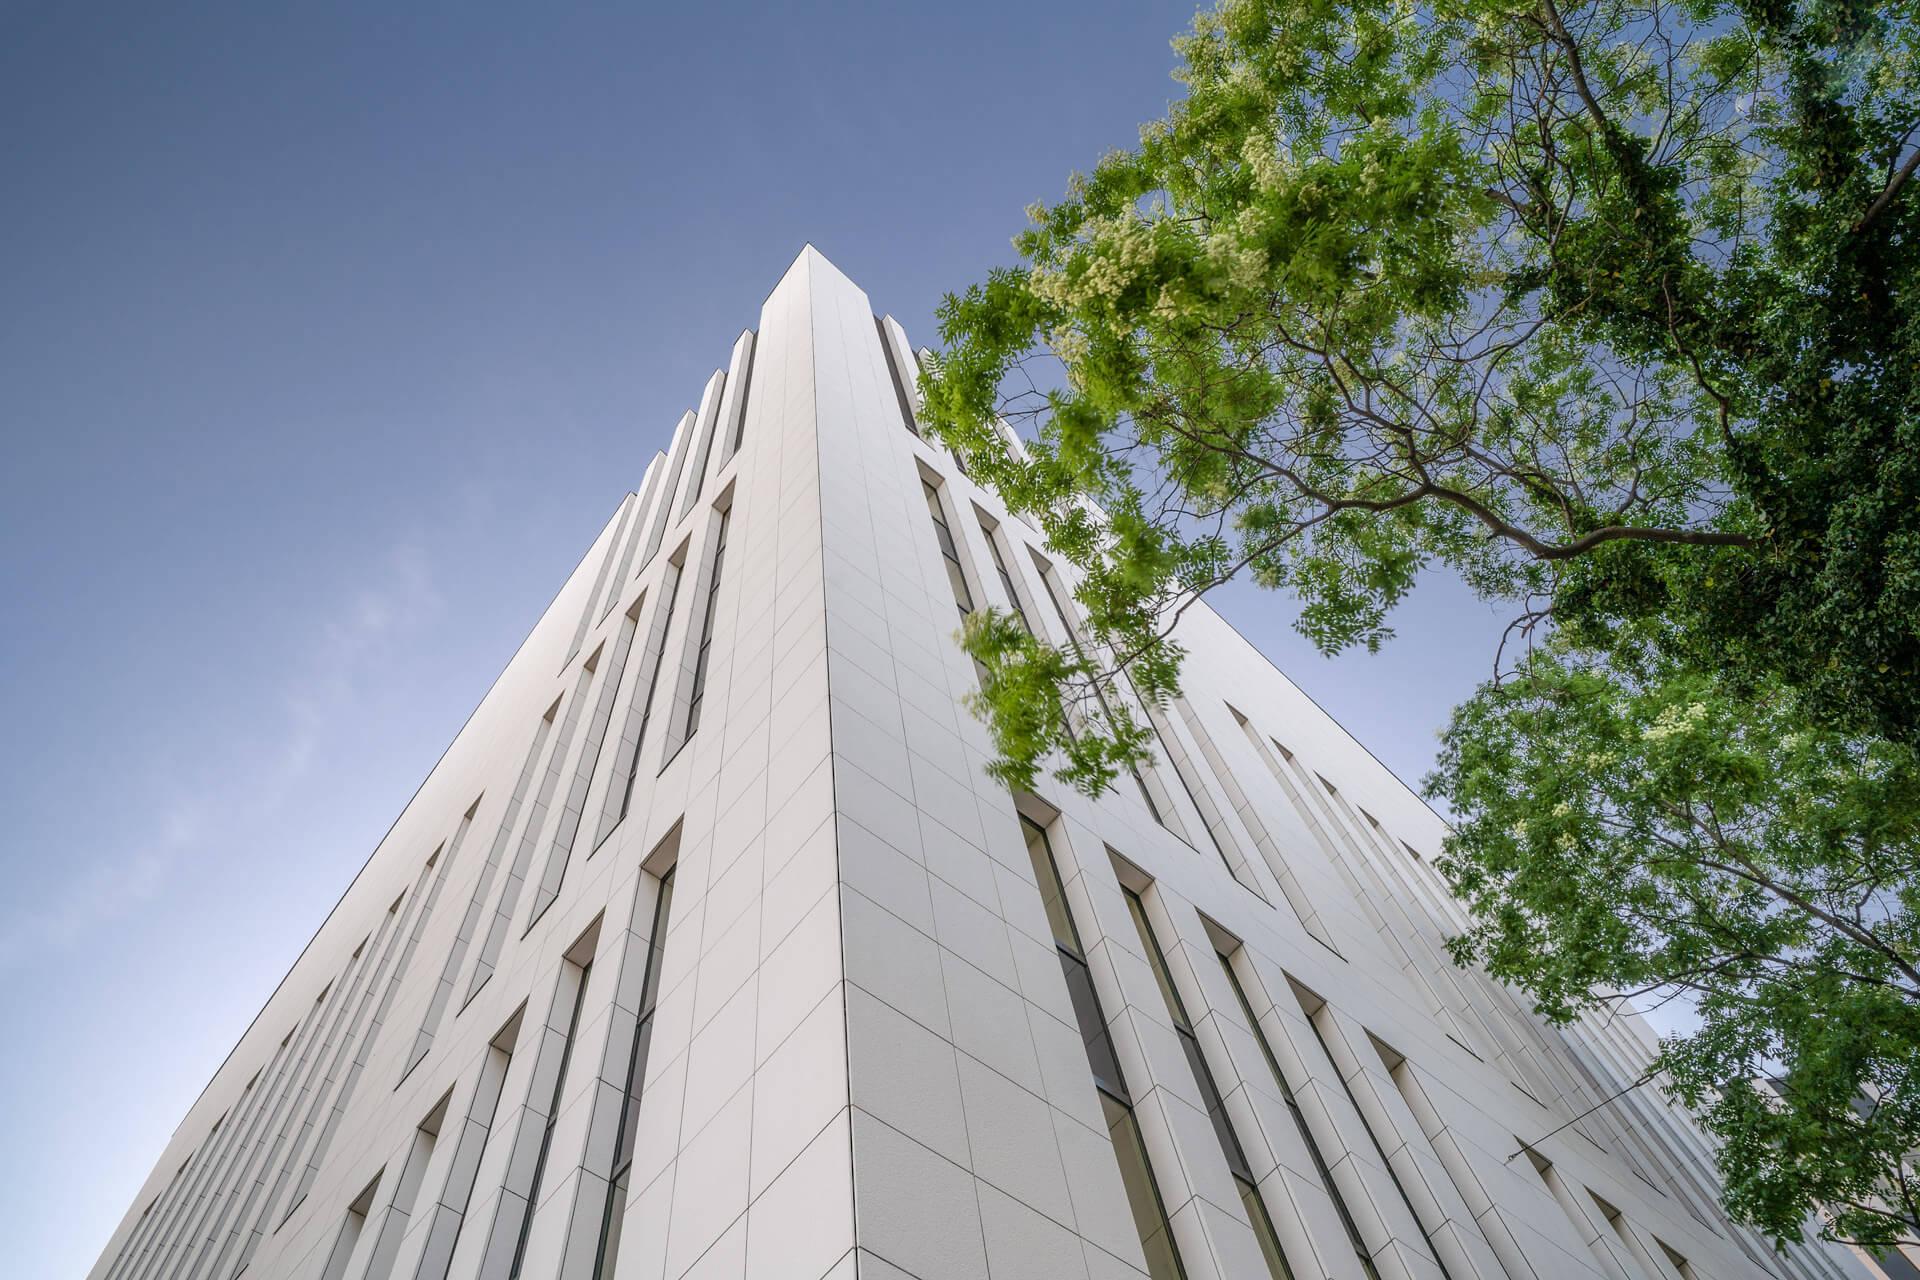 Architekturfotografie Düsseldorf - SIEBENEINS FOTOGRAFIE - 1